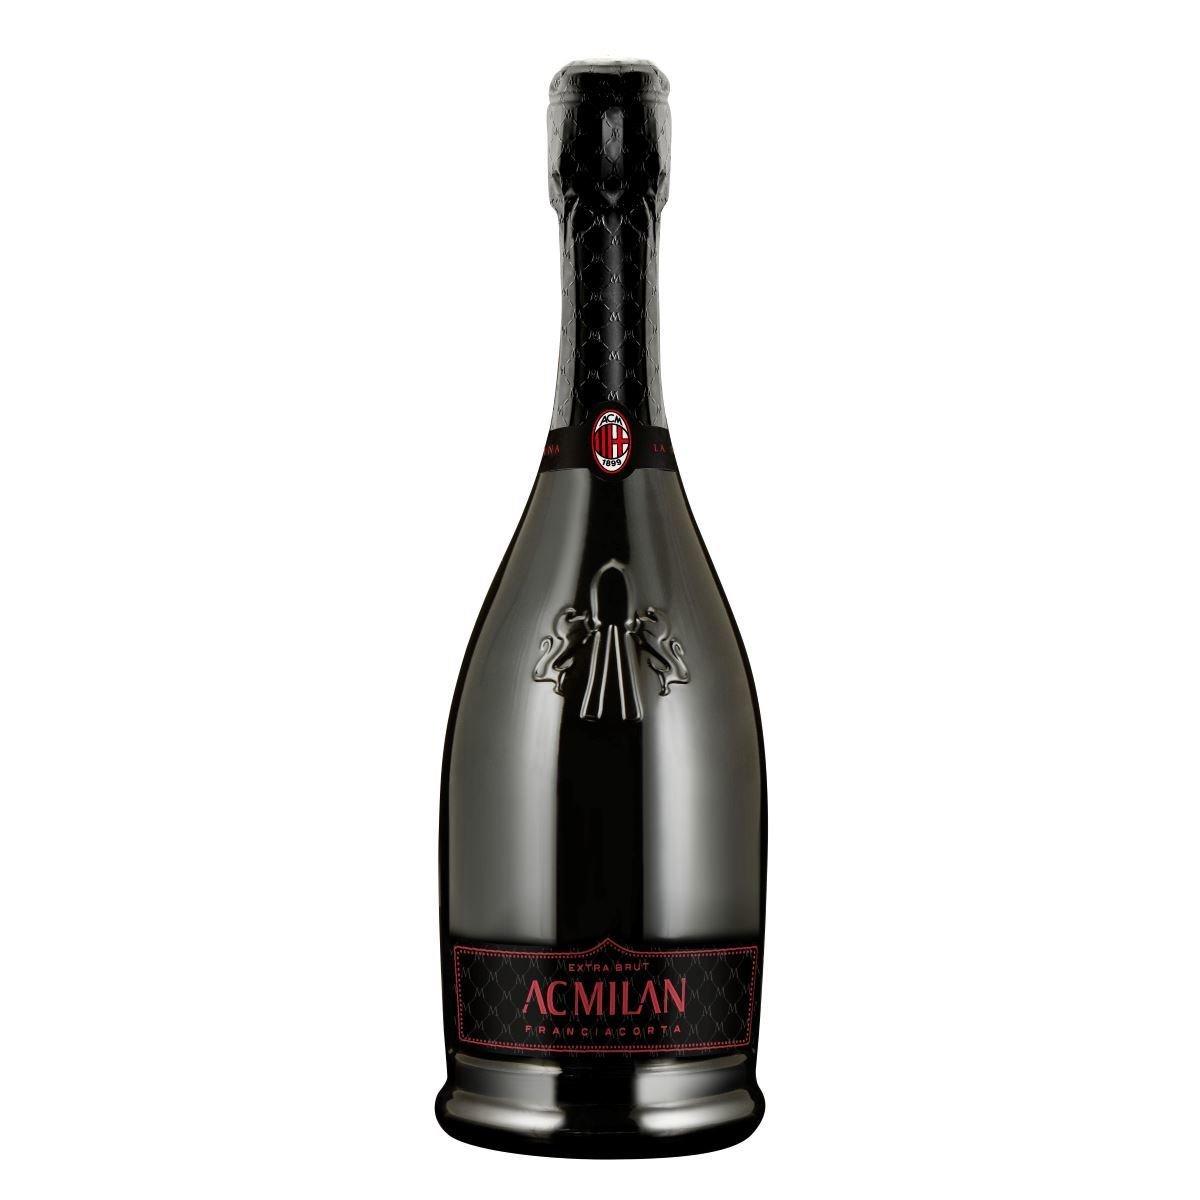 Ac Milan Extra Brut (3 bottiglie) 15050